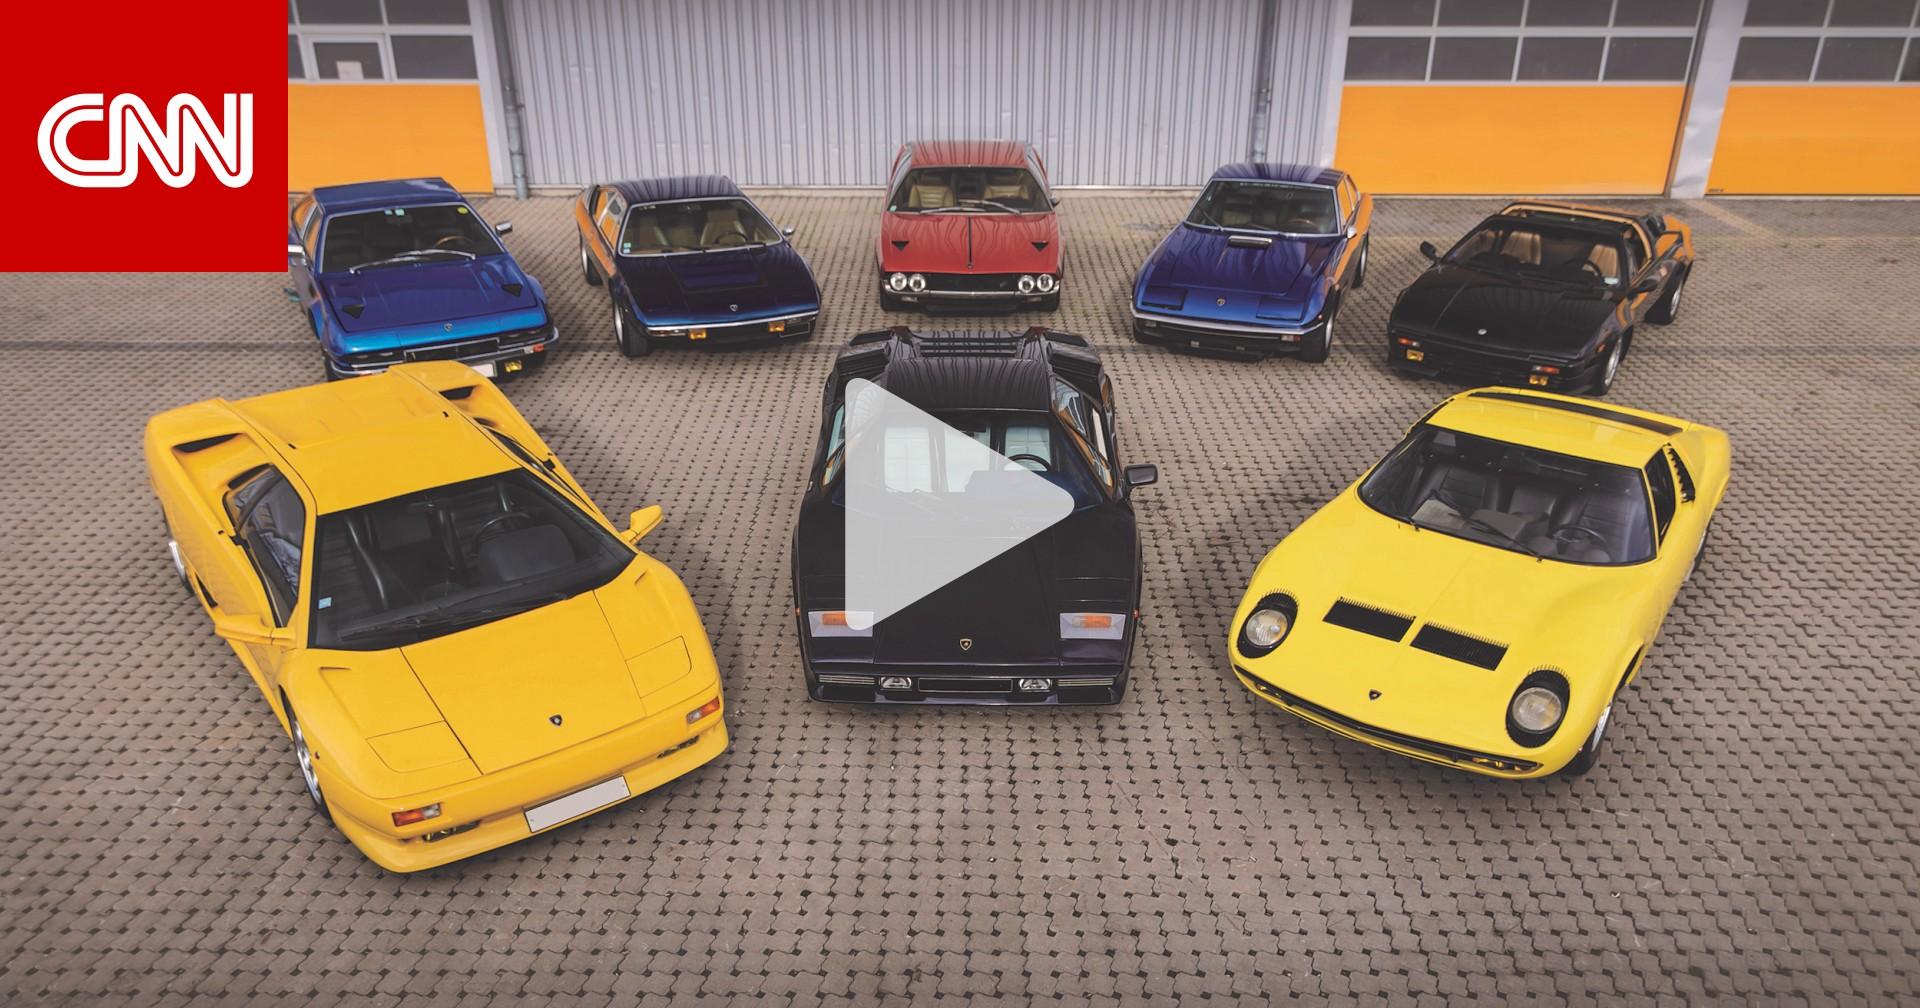 8 سيارات لامبورغيني نادرة تباع في مزاد على الإنترنت.. وهذا سعرها